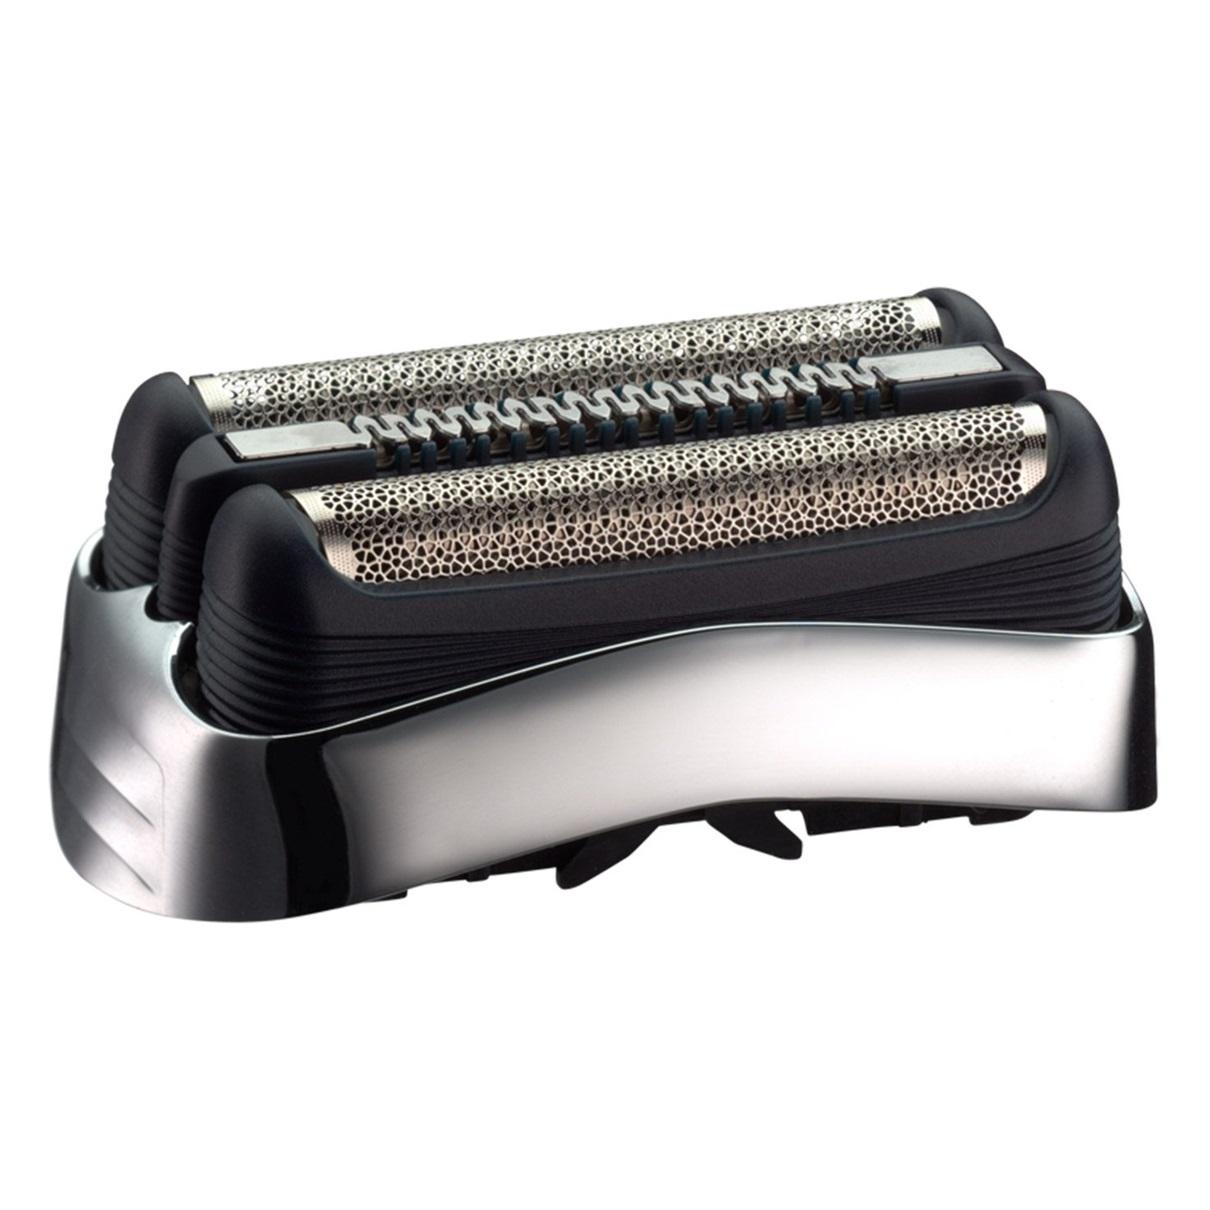 Braun CombiPack Series 3 Barva: stříbrná, 32S